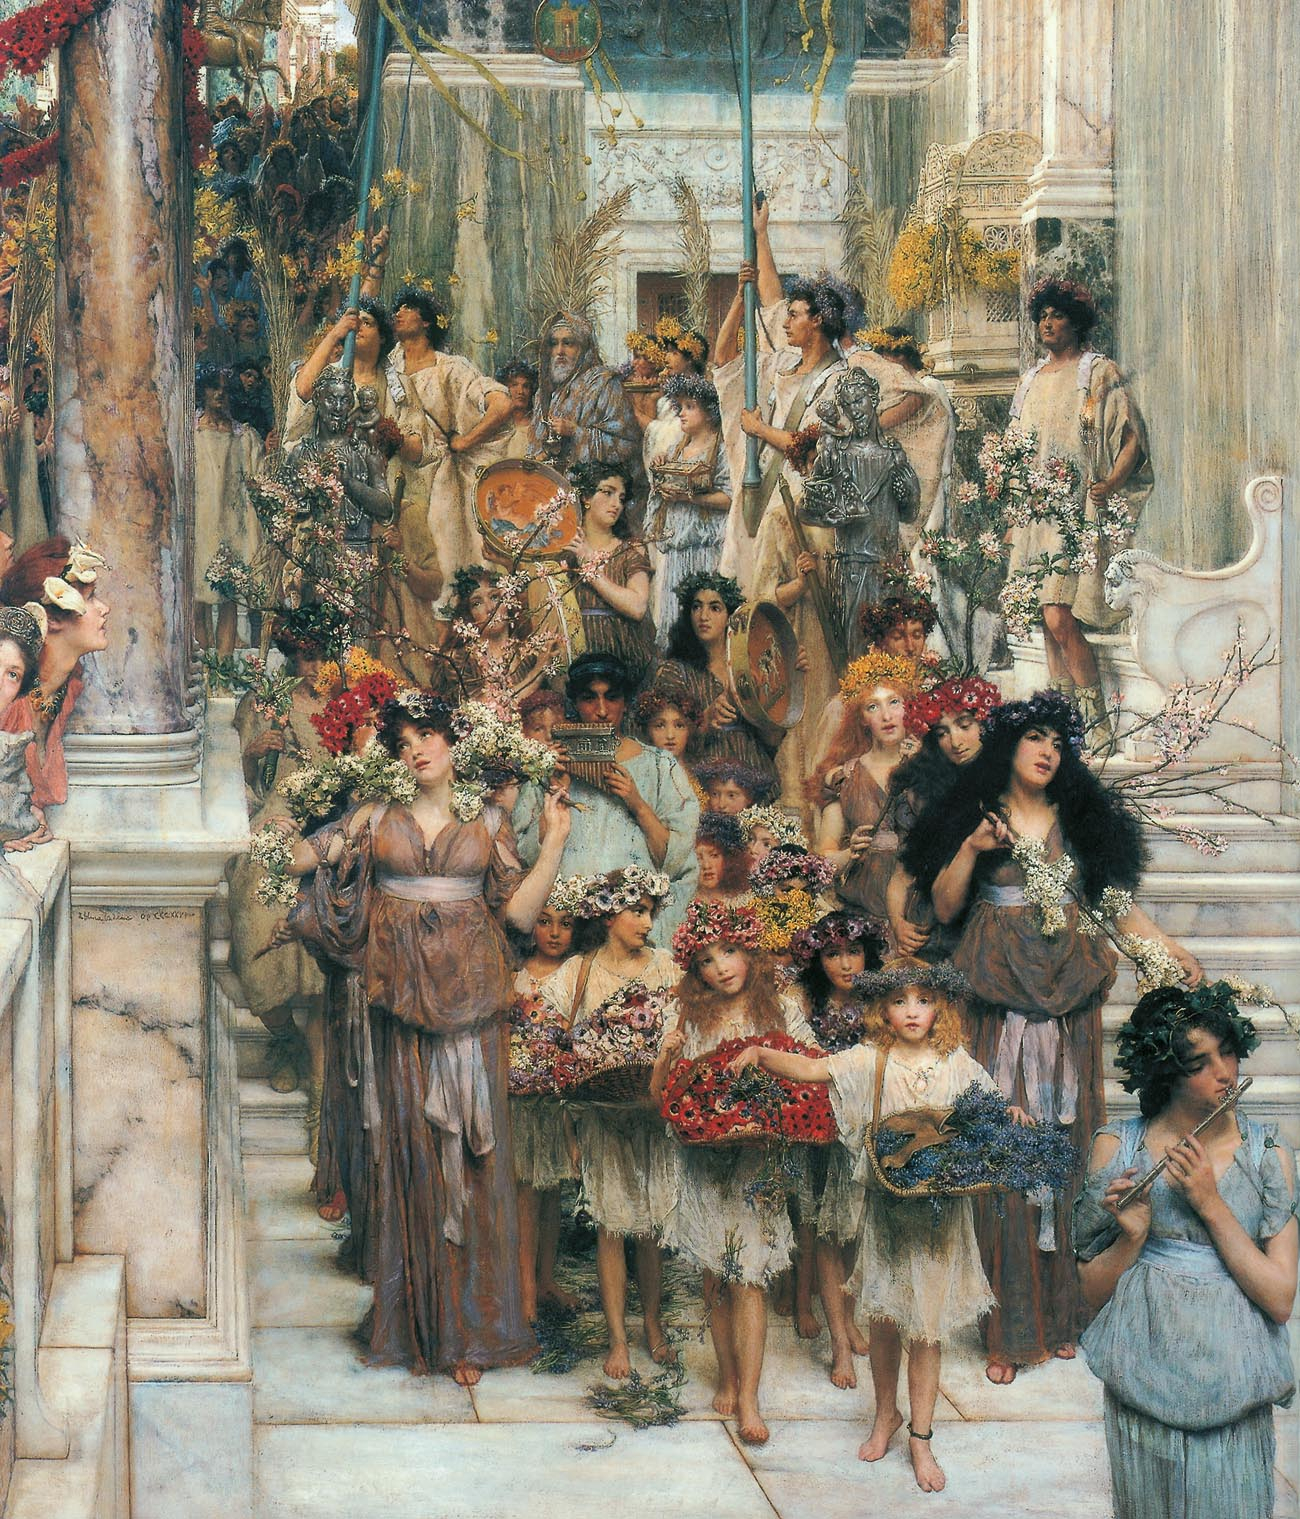 http://1.bp.blogspot.com/-LyRXewdoOpQ/Uc8bfedt7dI/AAAAAAAAEvg/mBO4j7Xu0sk/s1519/Lawrence+Alma-Tadema+Spring,+1894.JPG